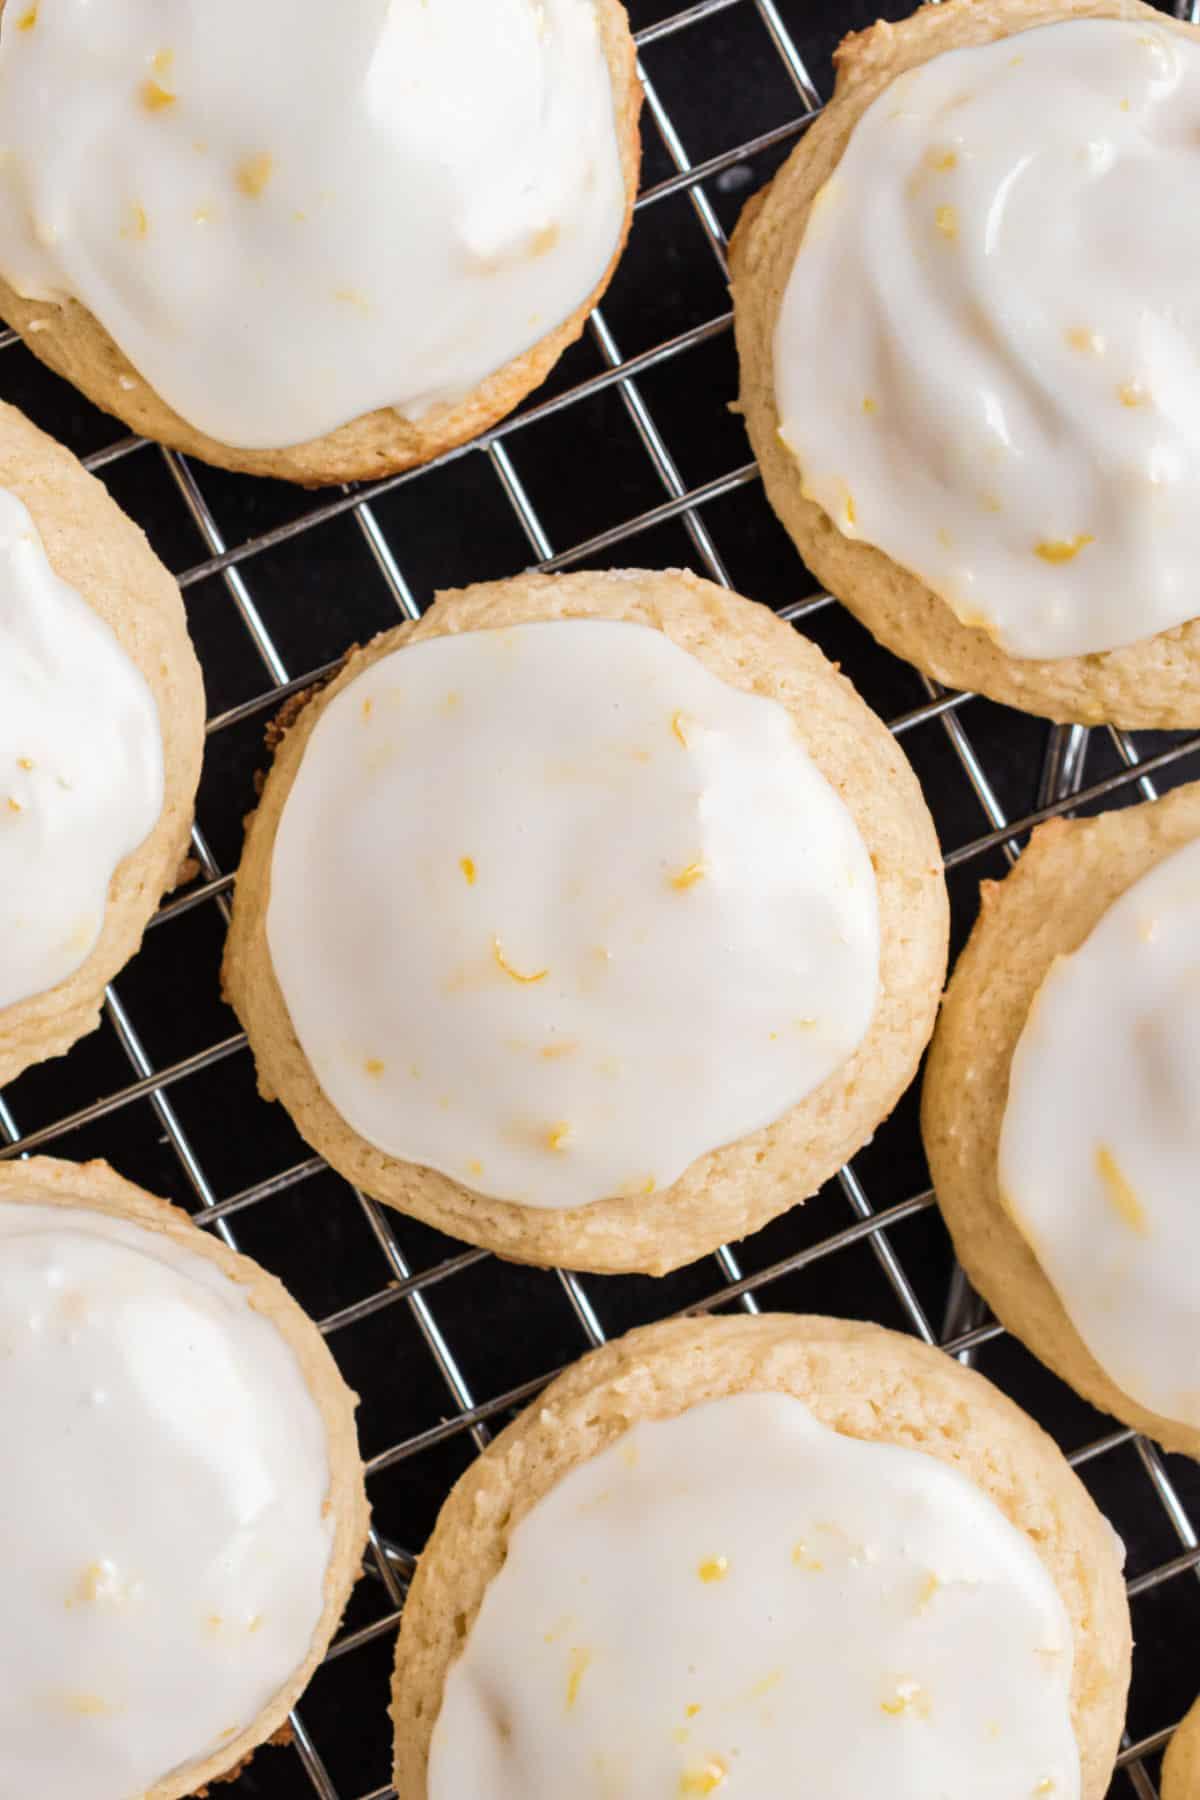 Lemon iced ricotta cookies on wire rack.